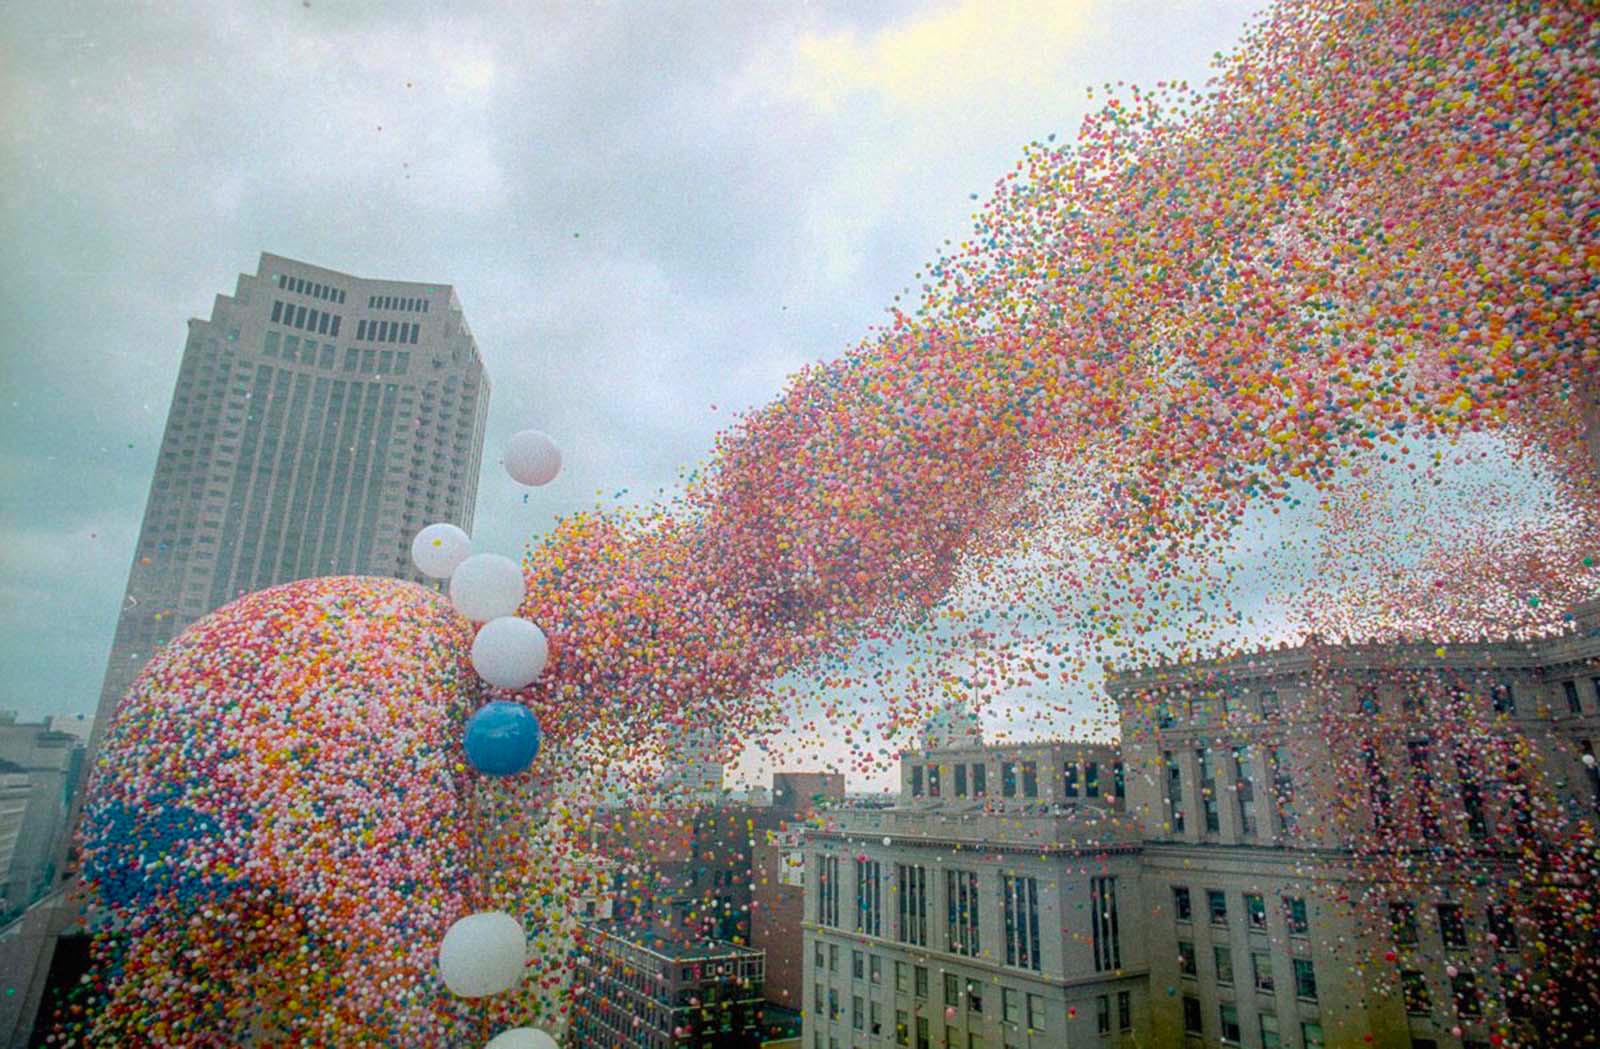 1986年美国举办一场活动,放飞150万个气球,结局变成一场悲剧